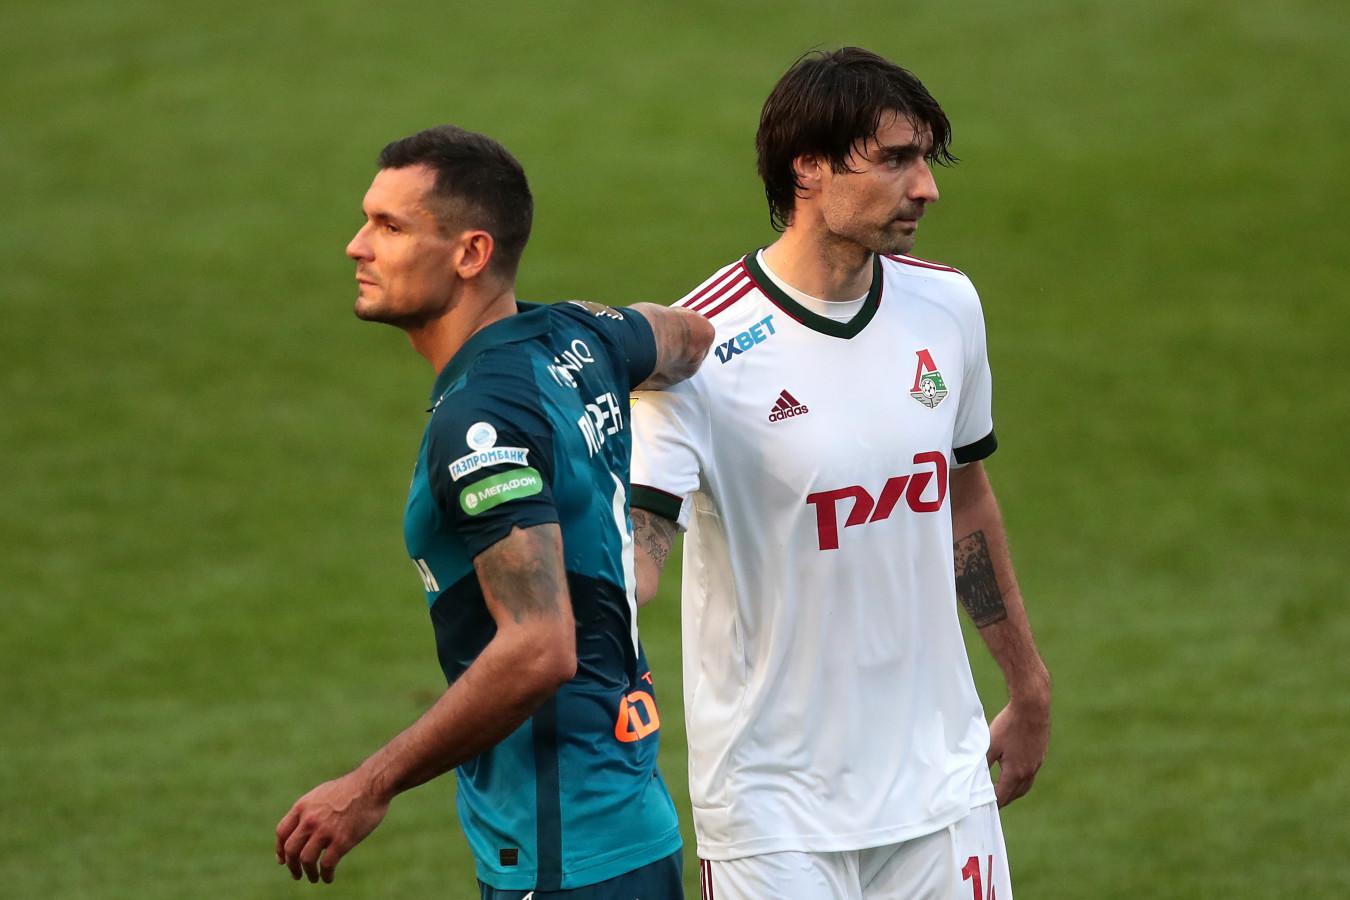 Агент Минасов рассказал о несостоявшемся трансфере Ловрена в «Локомотив»